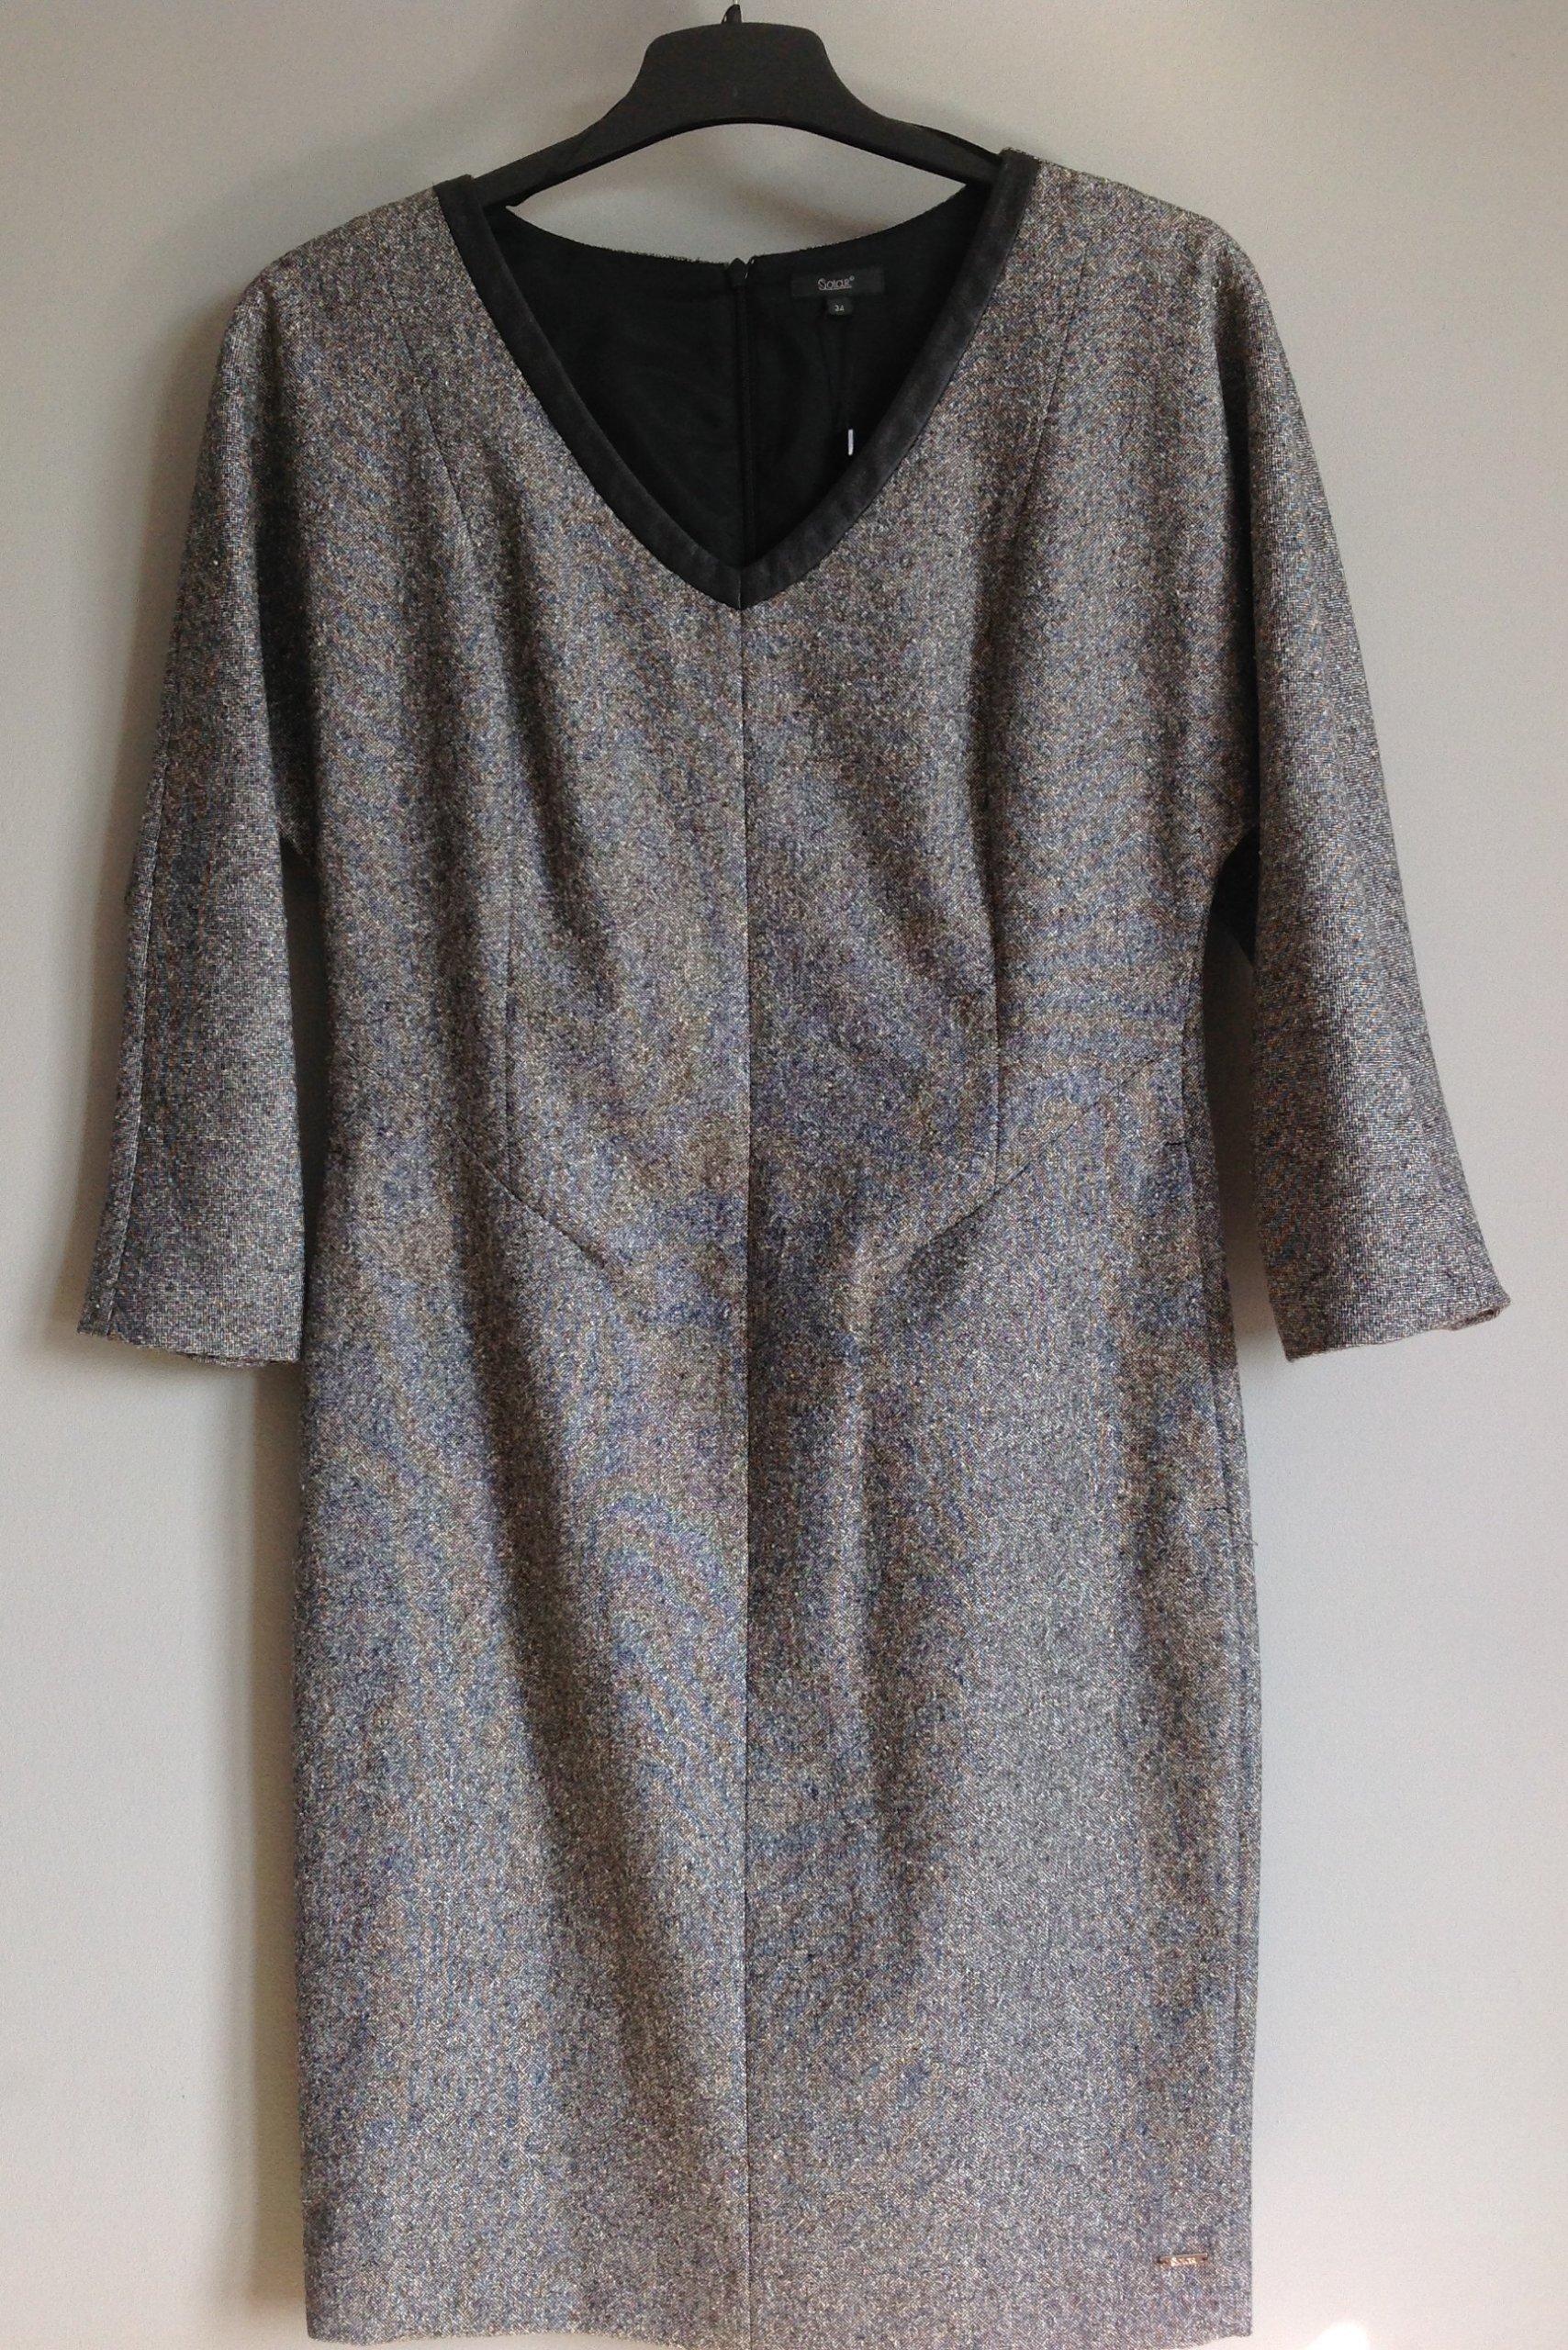 972396446c Solar Sukienka elegancka rozm. L 40 WYPRZEDAŻ - 7181322019 ...